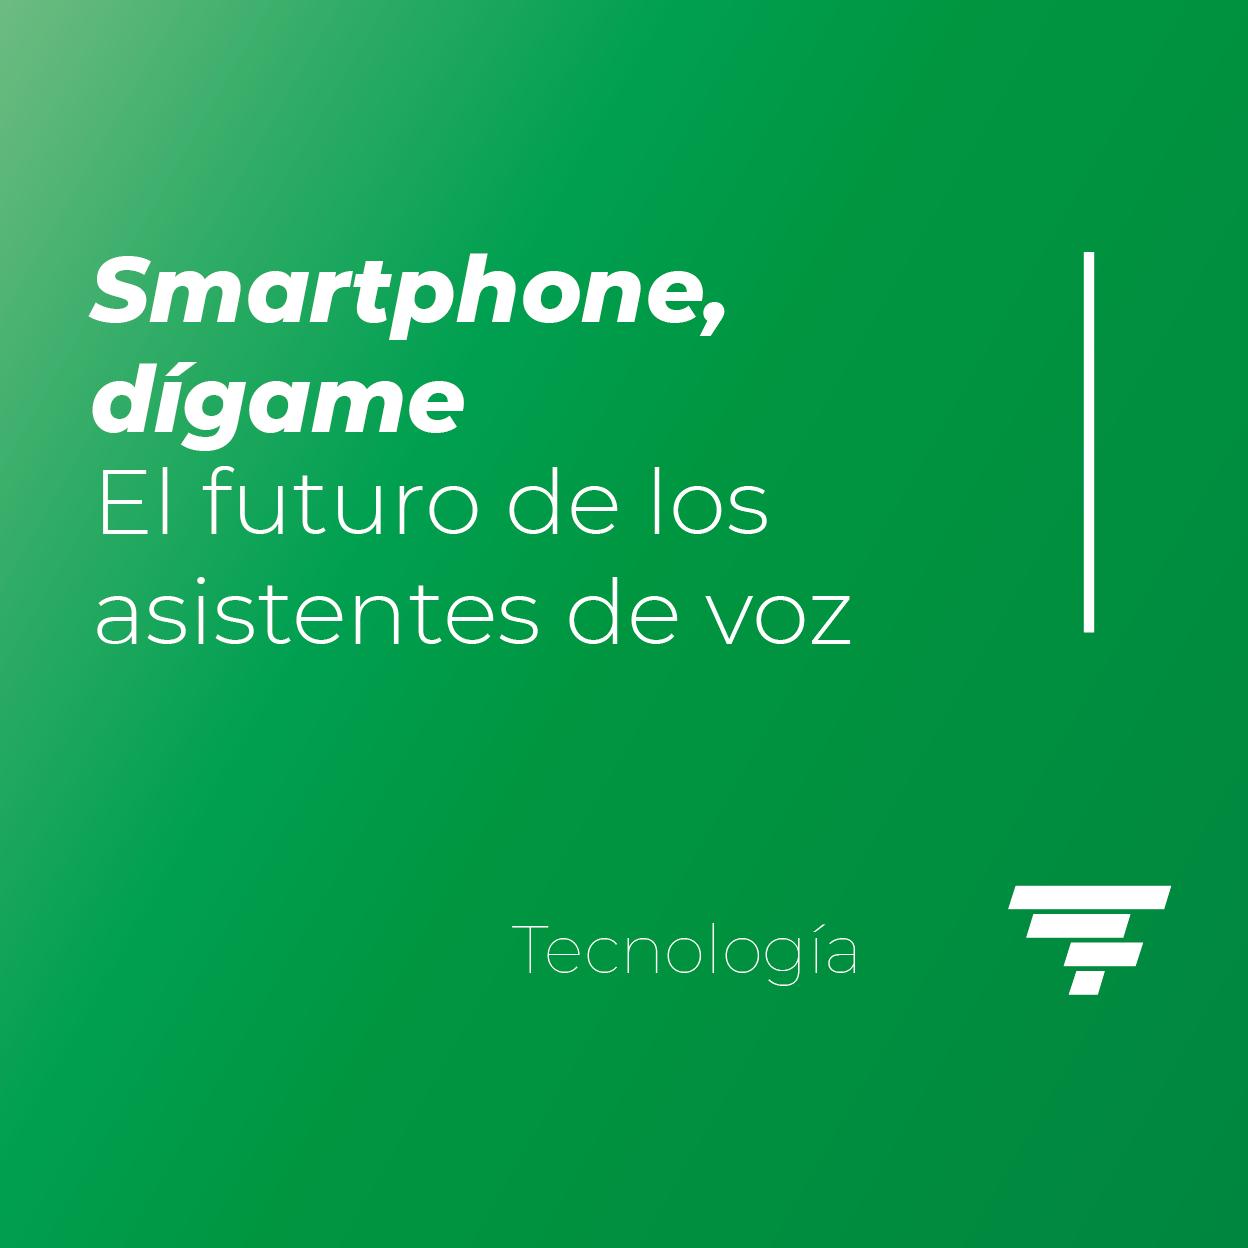 Smartphone, dígame: El futuro de los asistentes de voz